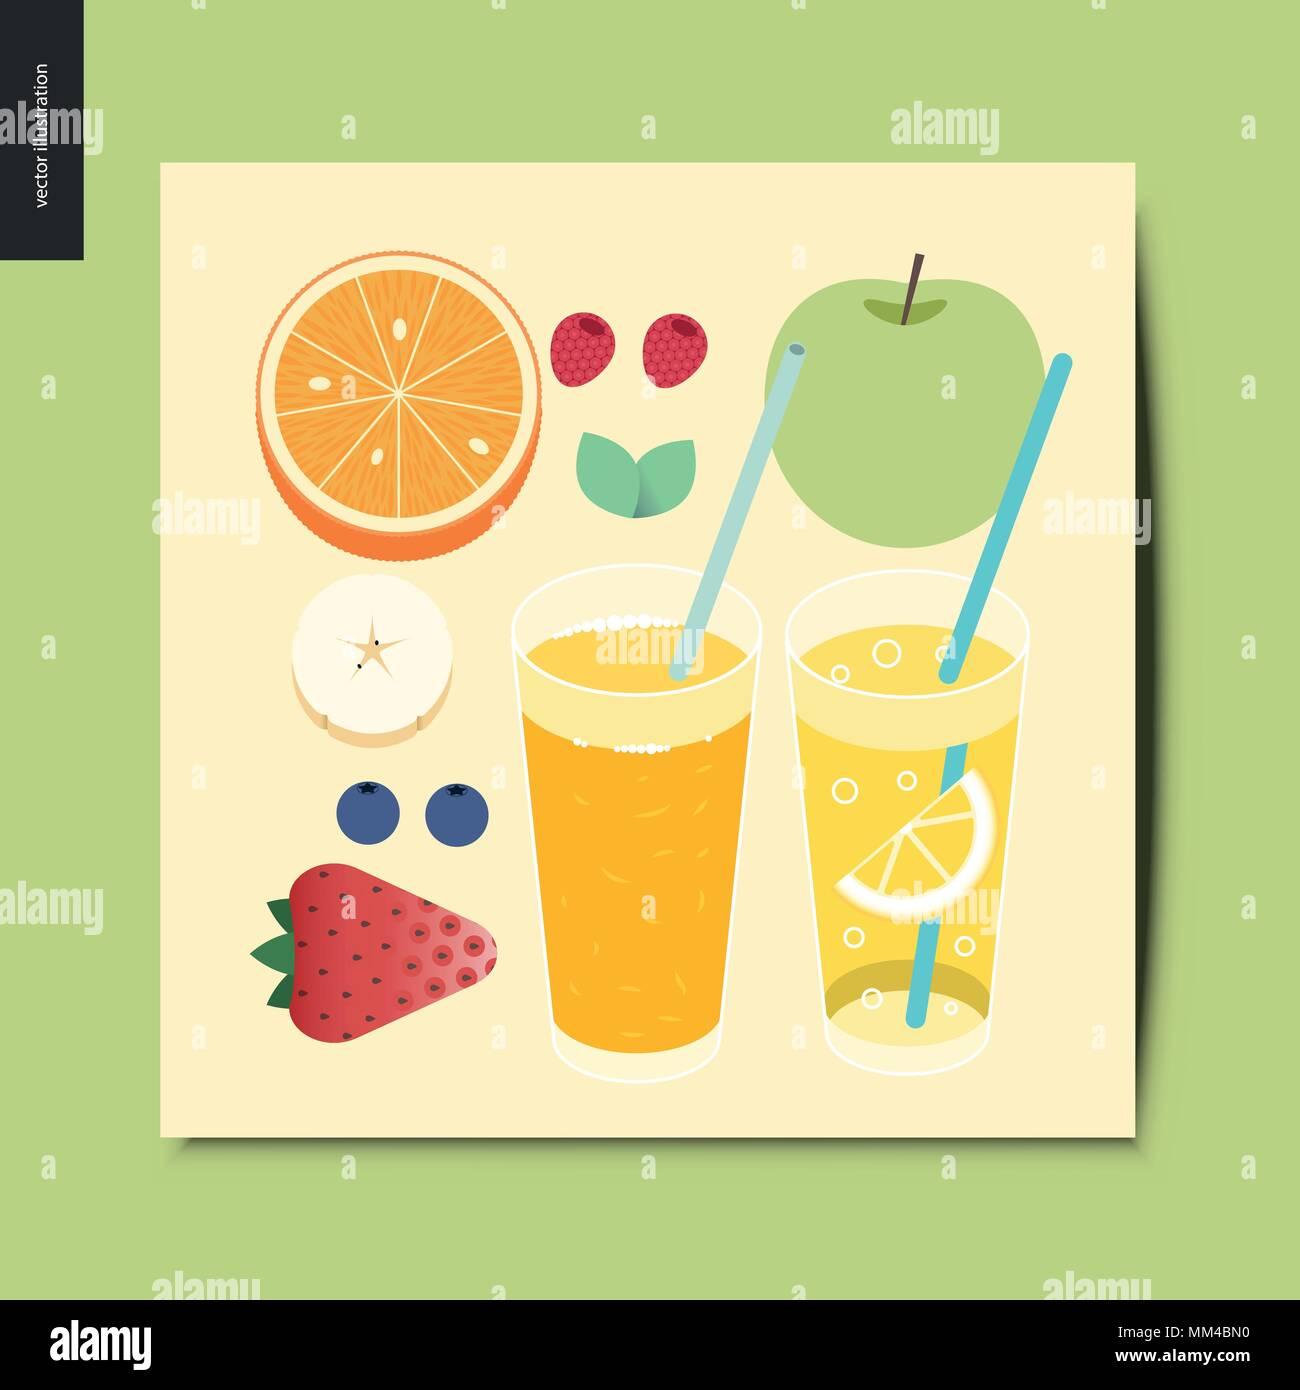 Simple things - fruit and berries - flat cartoon vector illustration of breakfast meal, fruit, berries, mint, fresh orange juice and lemonade- summer  - Stock Vector